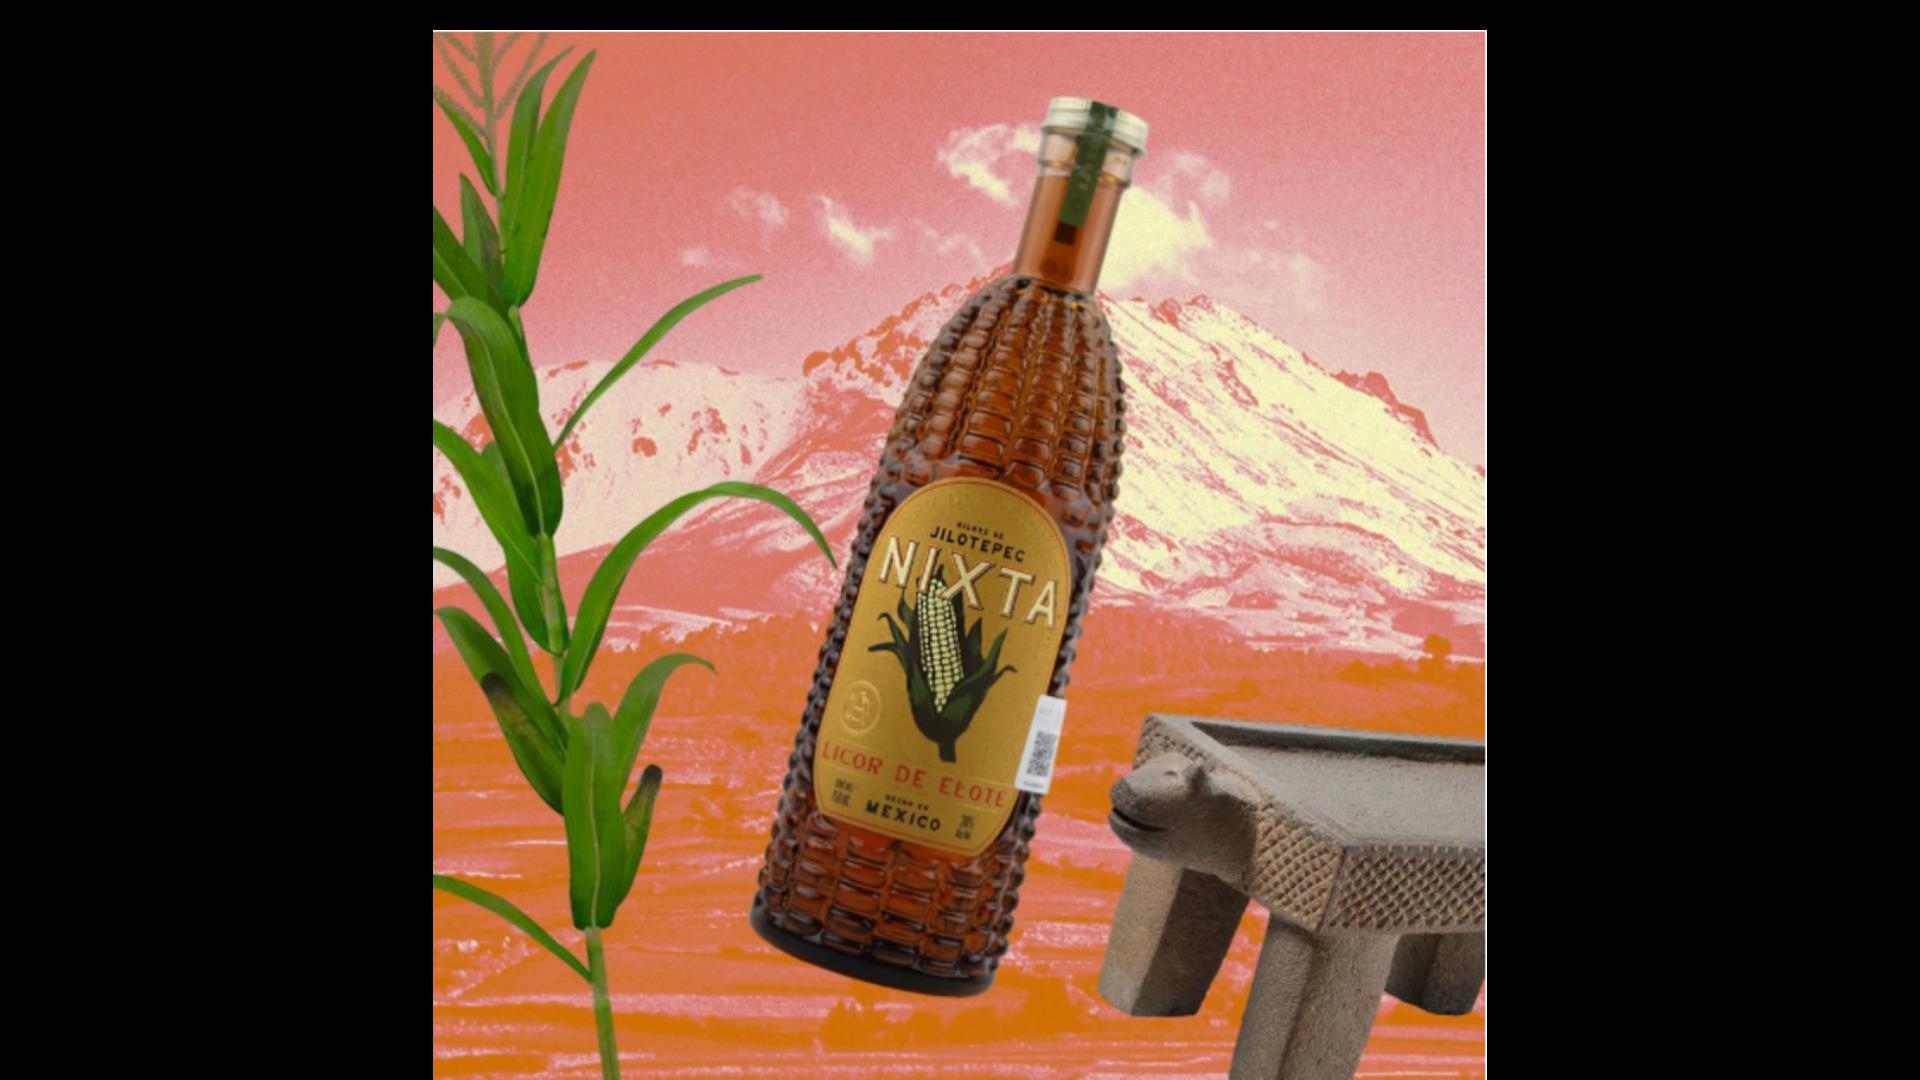 Nixta